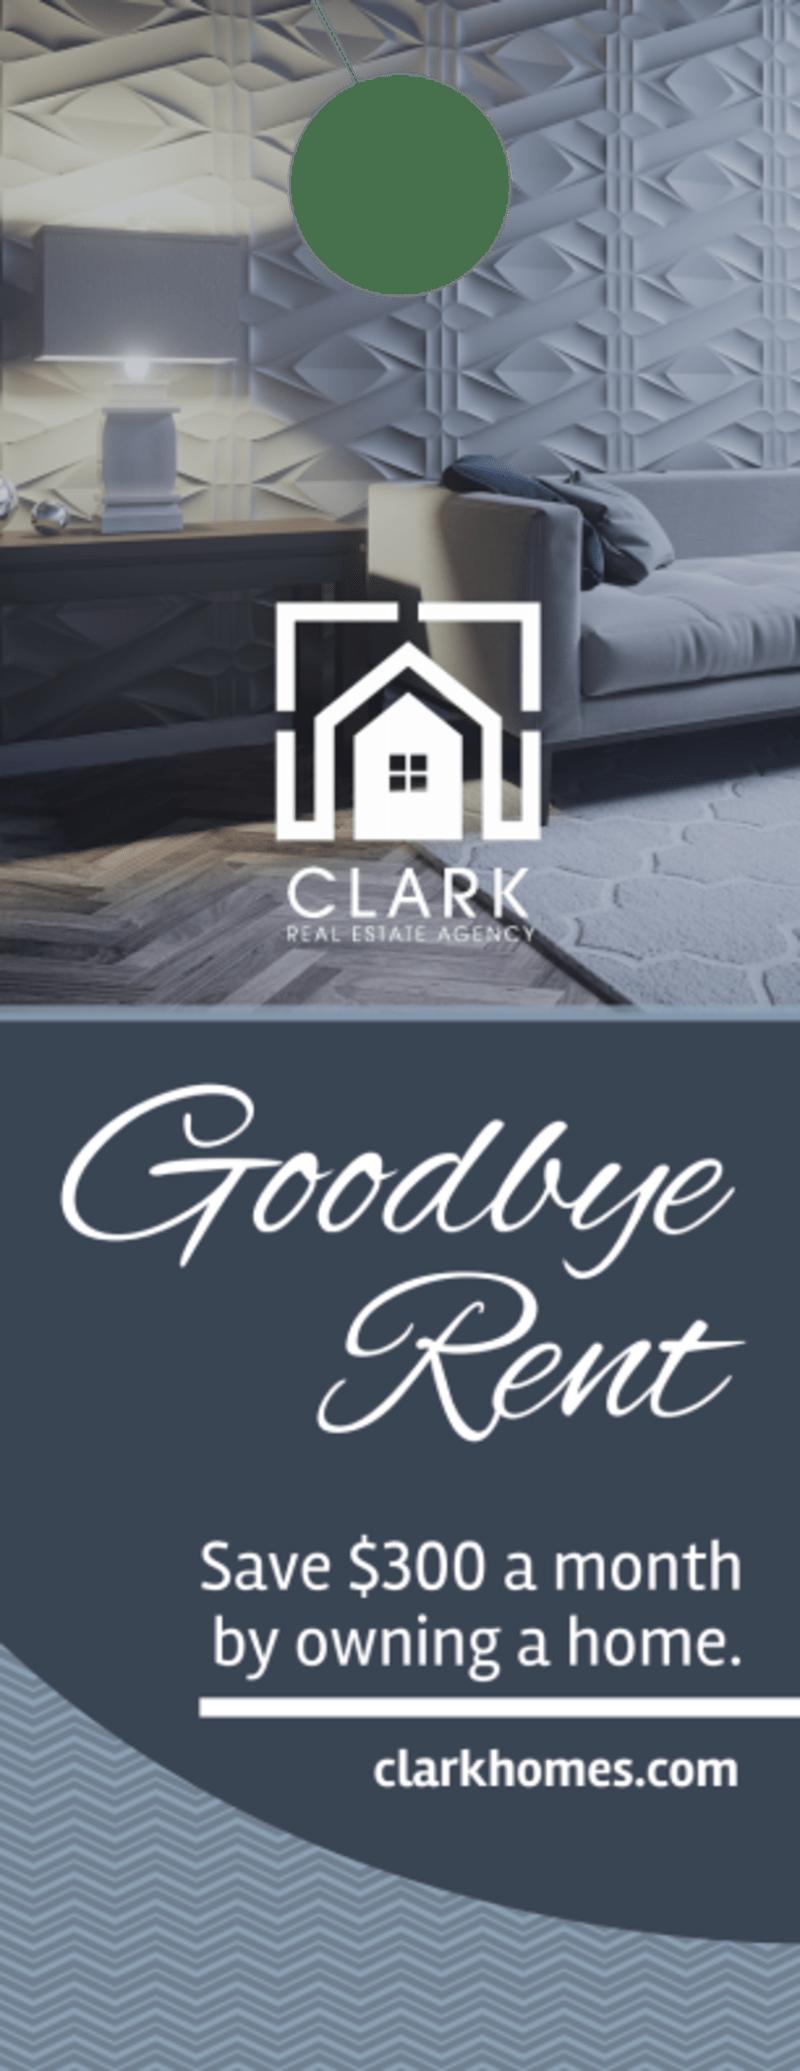 Goodbye Rent Door Hanger Template Preview 2